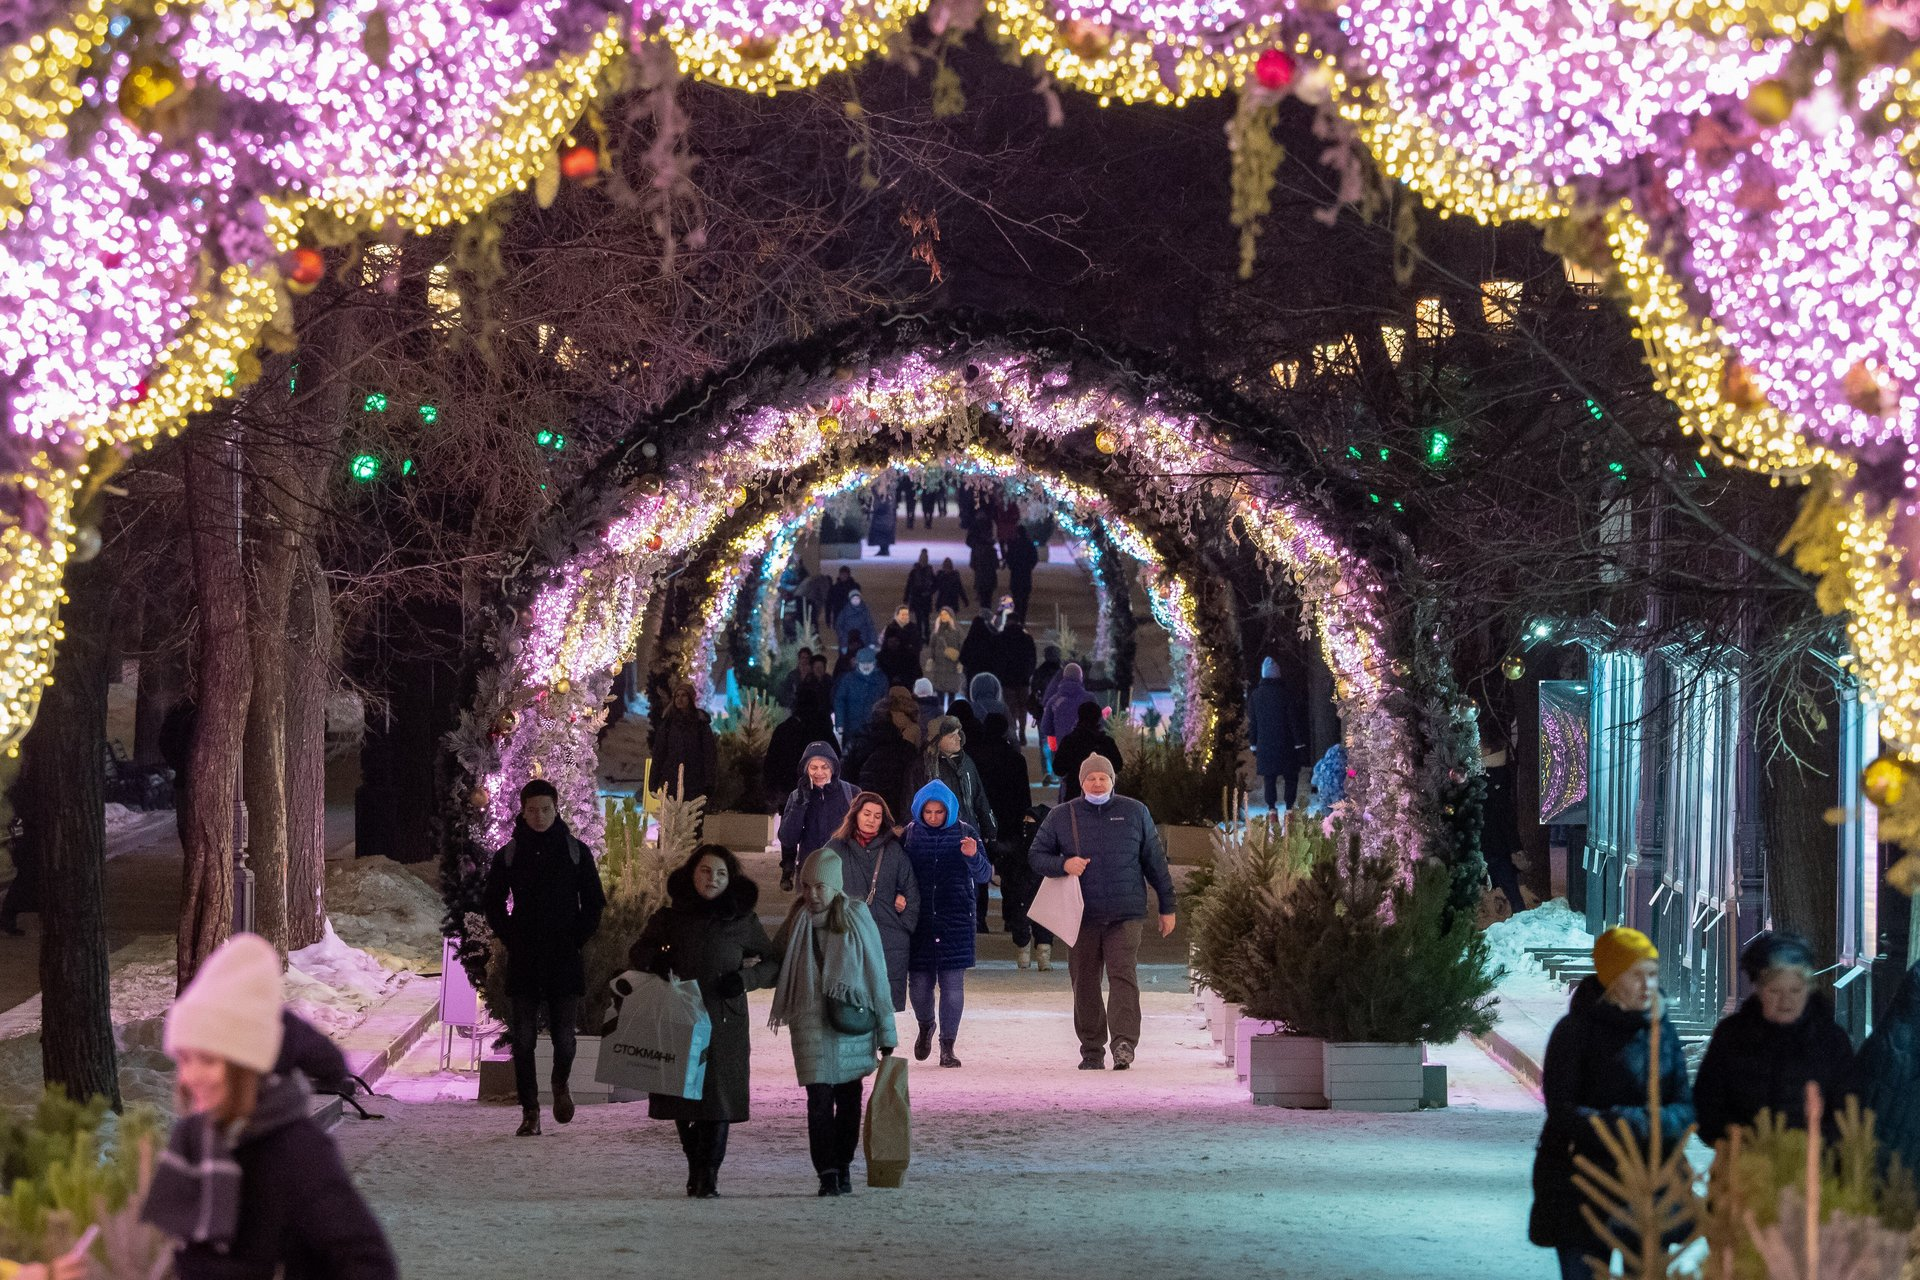 «Будет десять выходных дней»: глава Минтруда рассказал о сроках новогодних каникул в 2022 году1